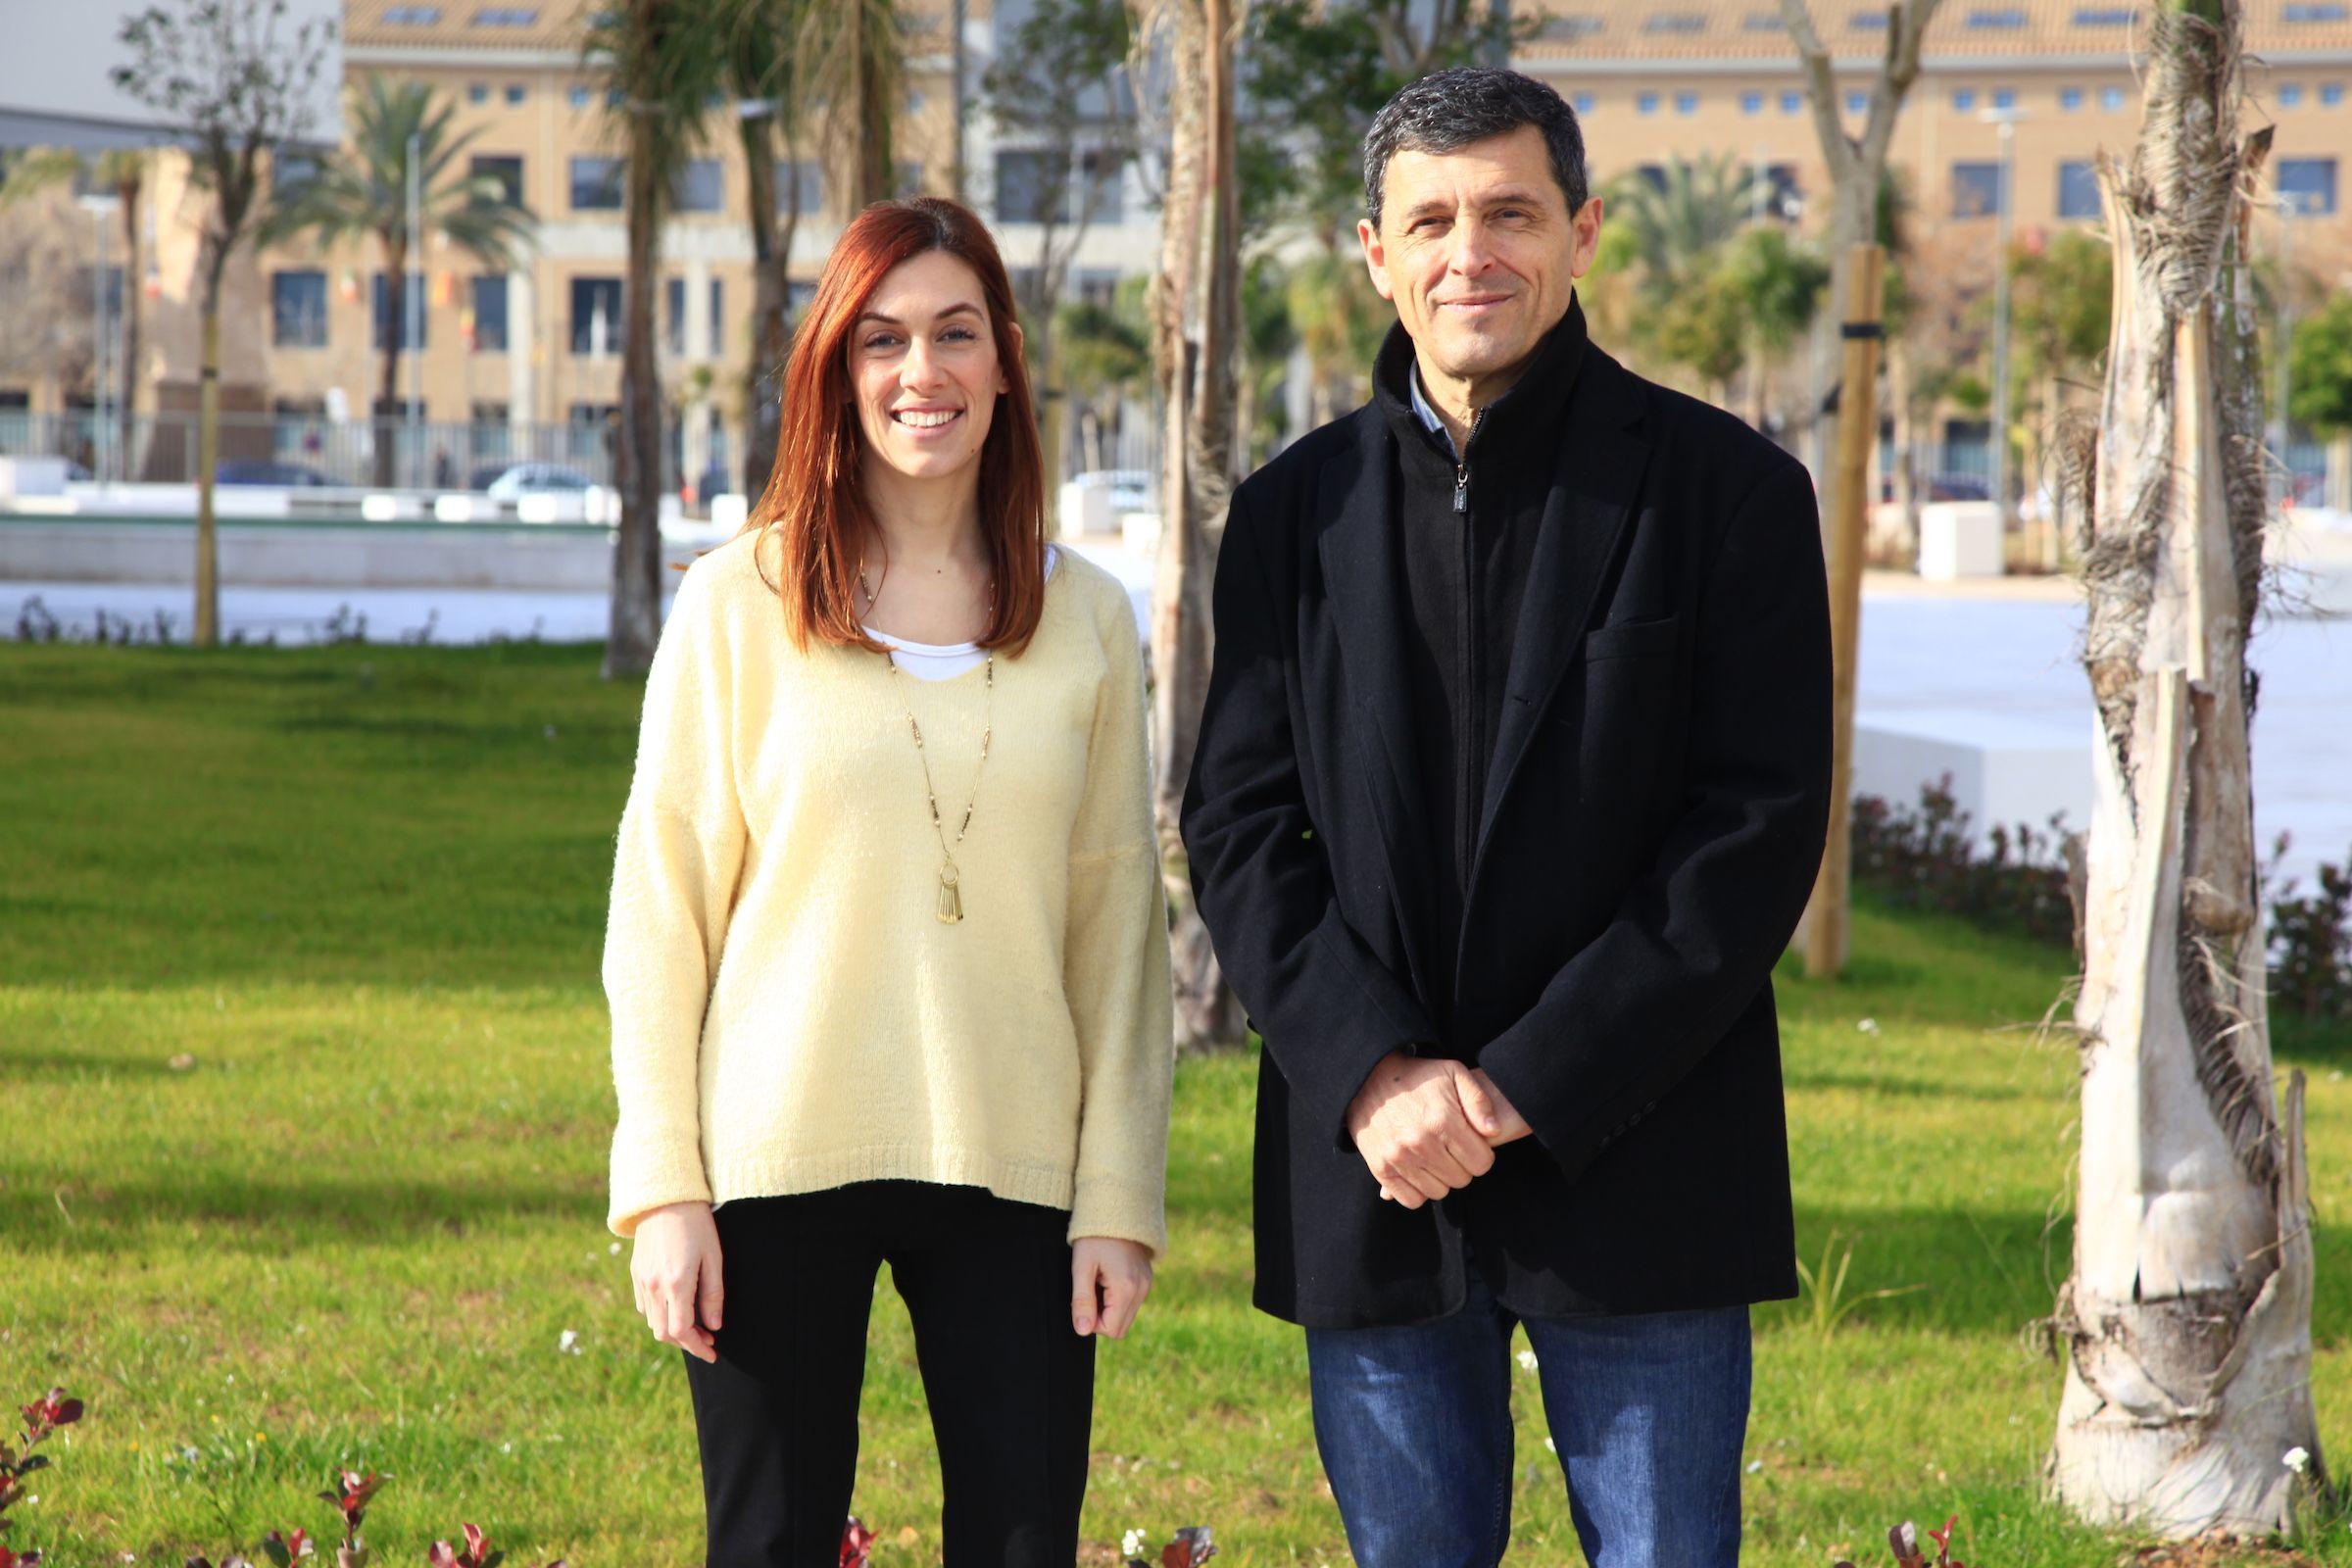 Los profesores investigadores de la Unidad de Etología y Bienestar Animal de la CEU UCH Clara Llamazares y Federico Guillén, coautores del estudio.